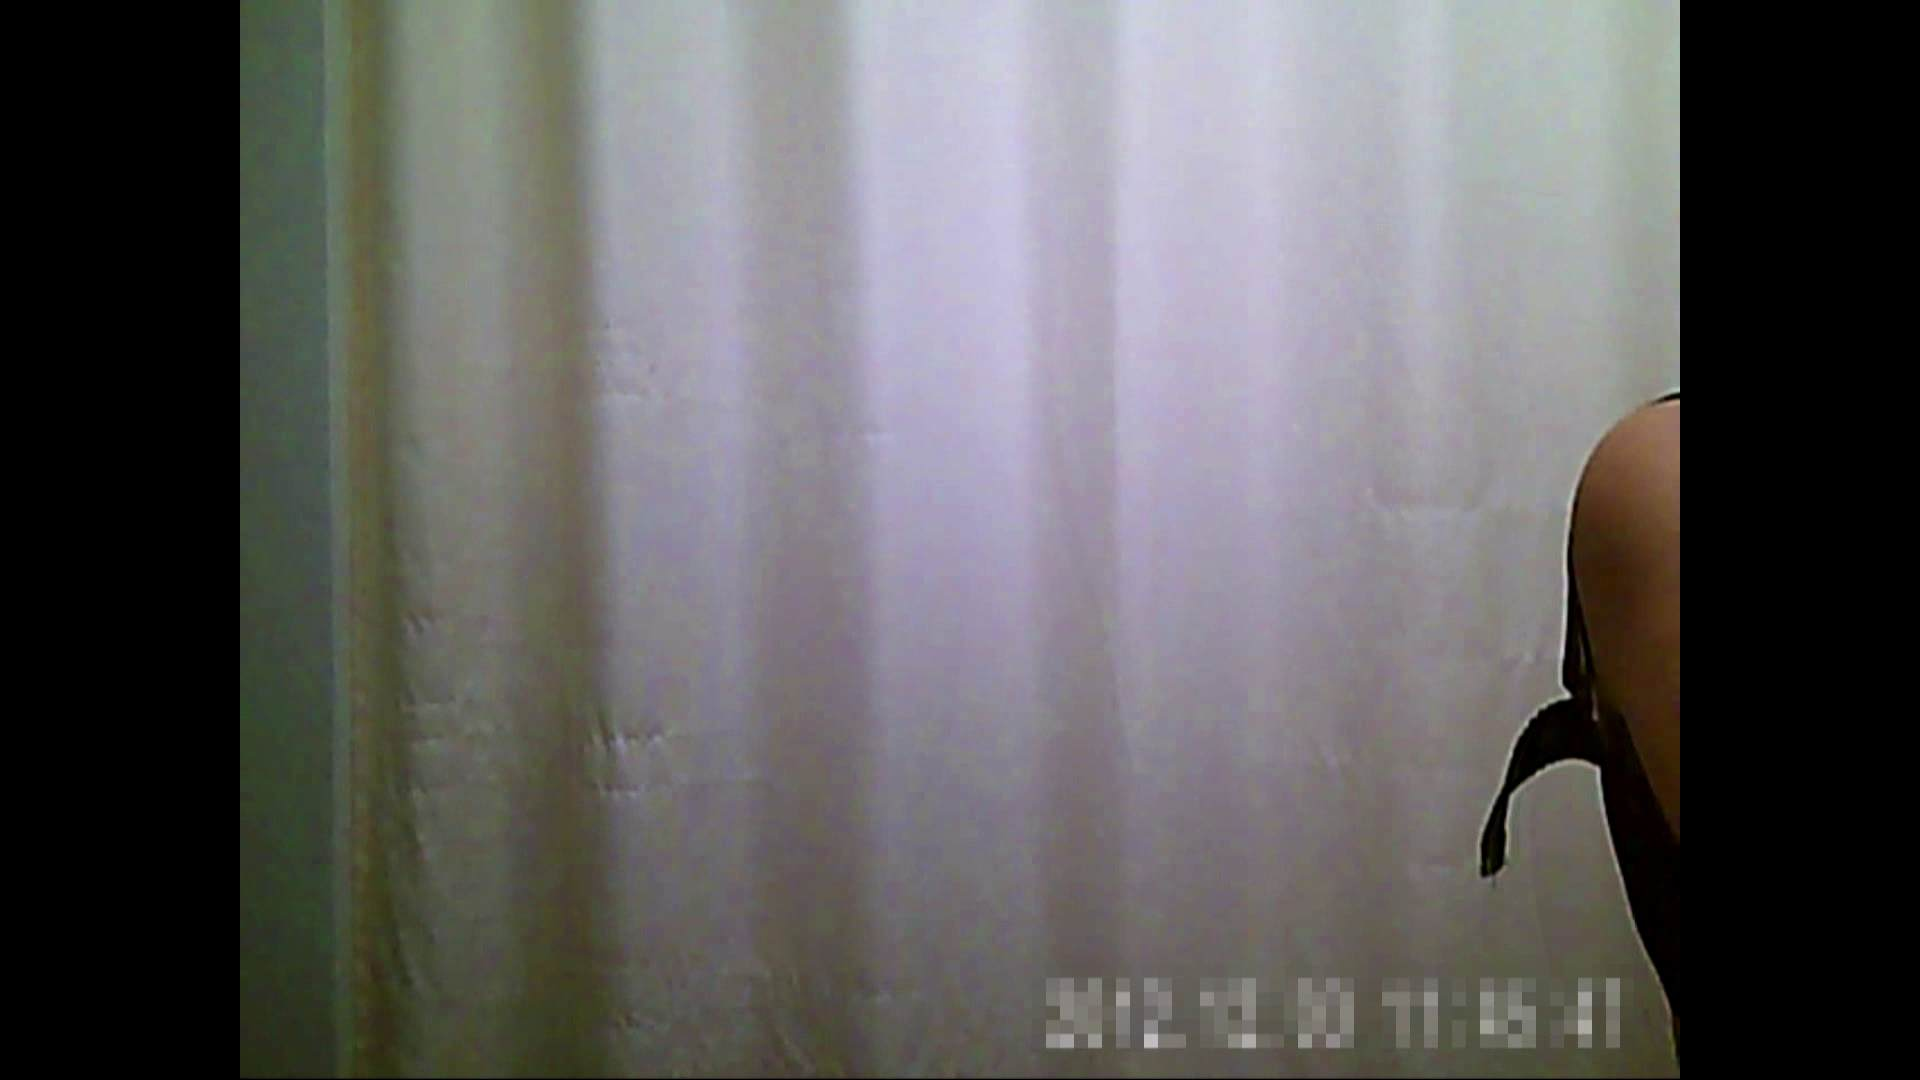 元医者による反抗 更衣室地獄絵巻 vol.129 OLの実態  99pic 26